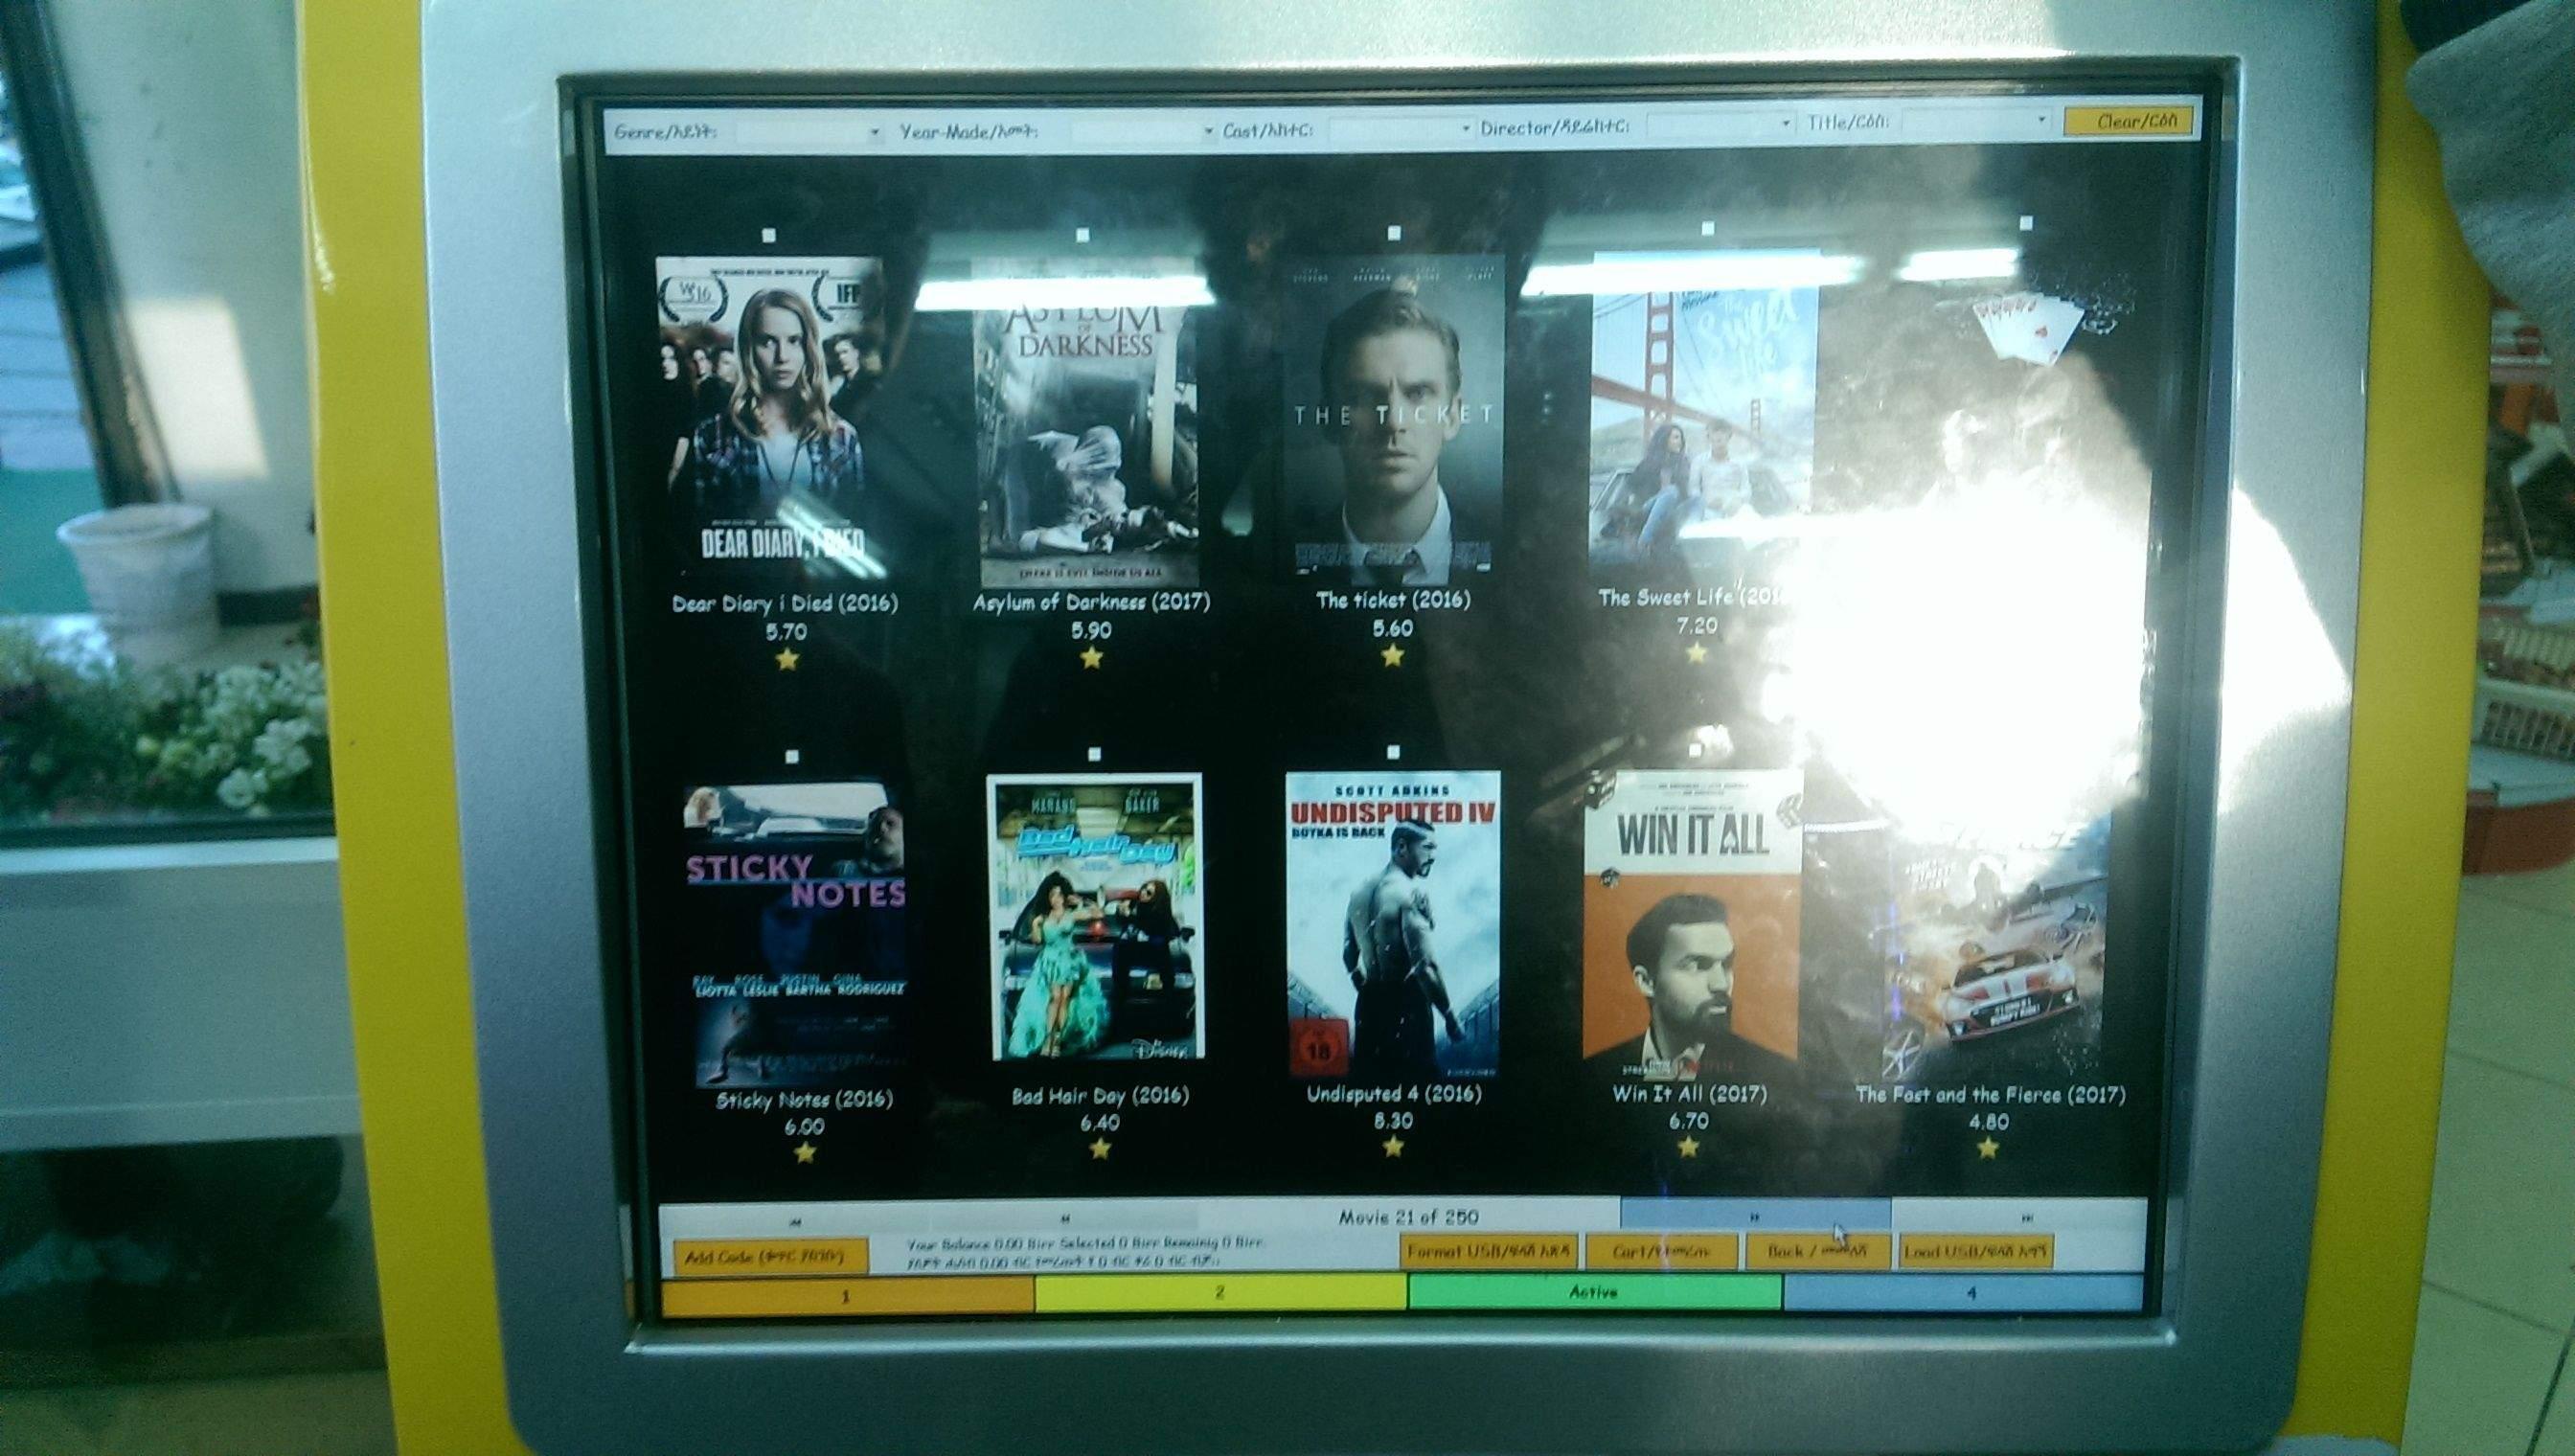 В Эфиопии пиратские фильмы распространяют при помощи терминалов - 3